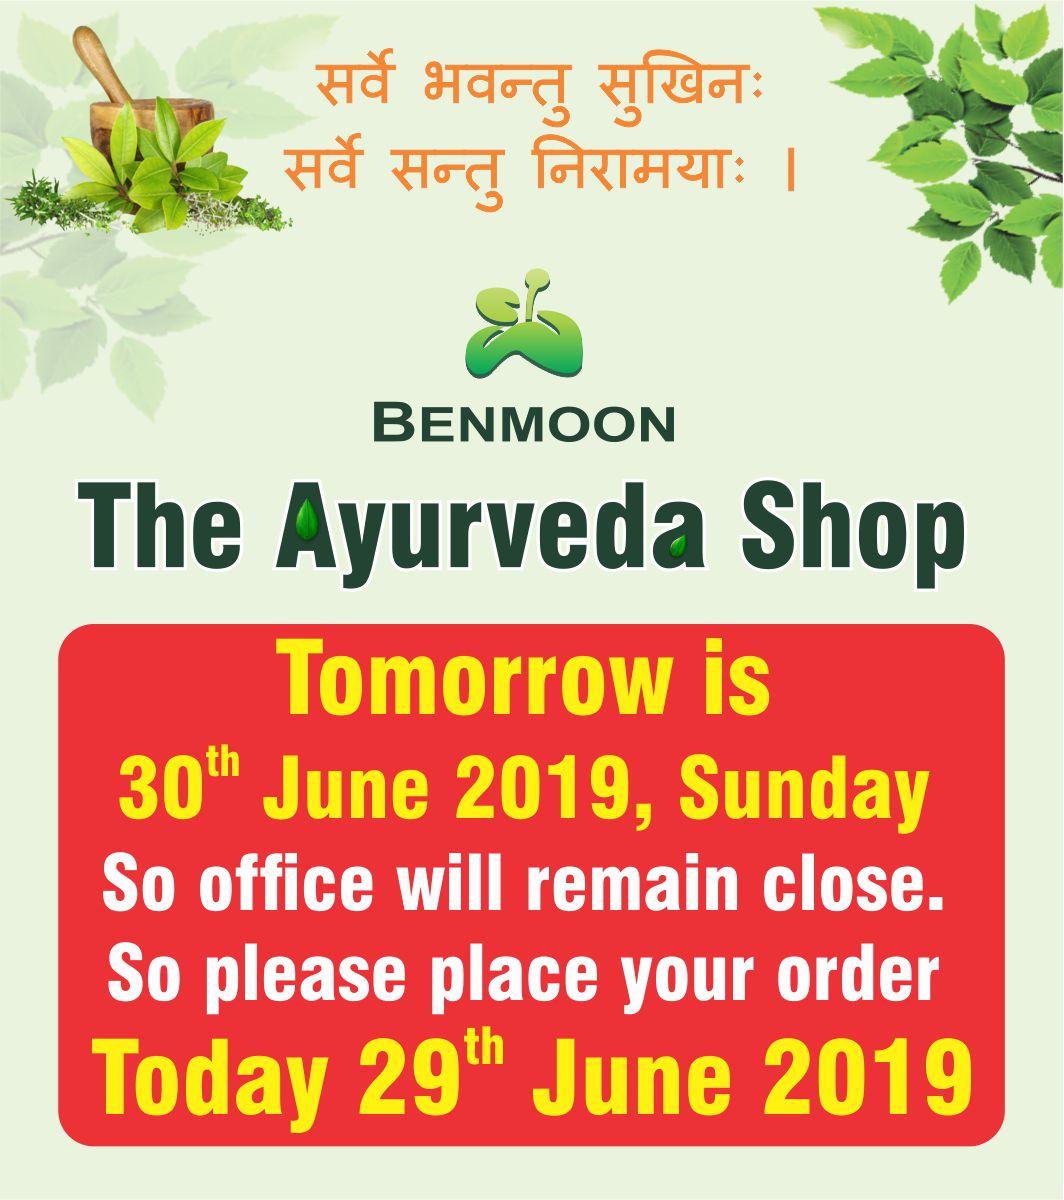 Benmoon Ayurveda